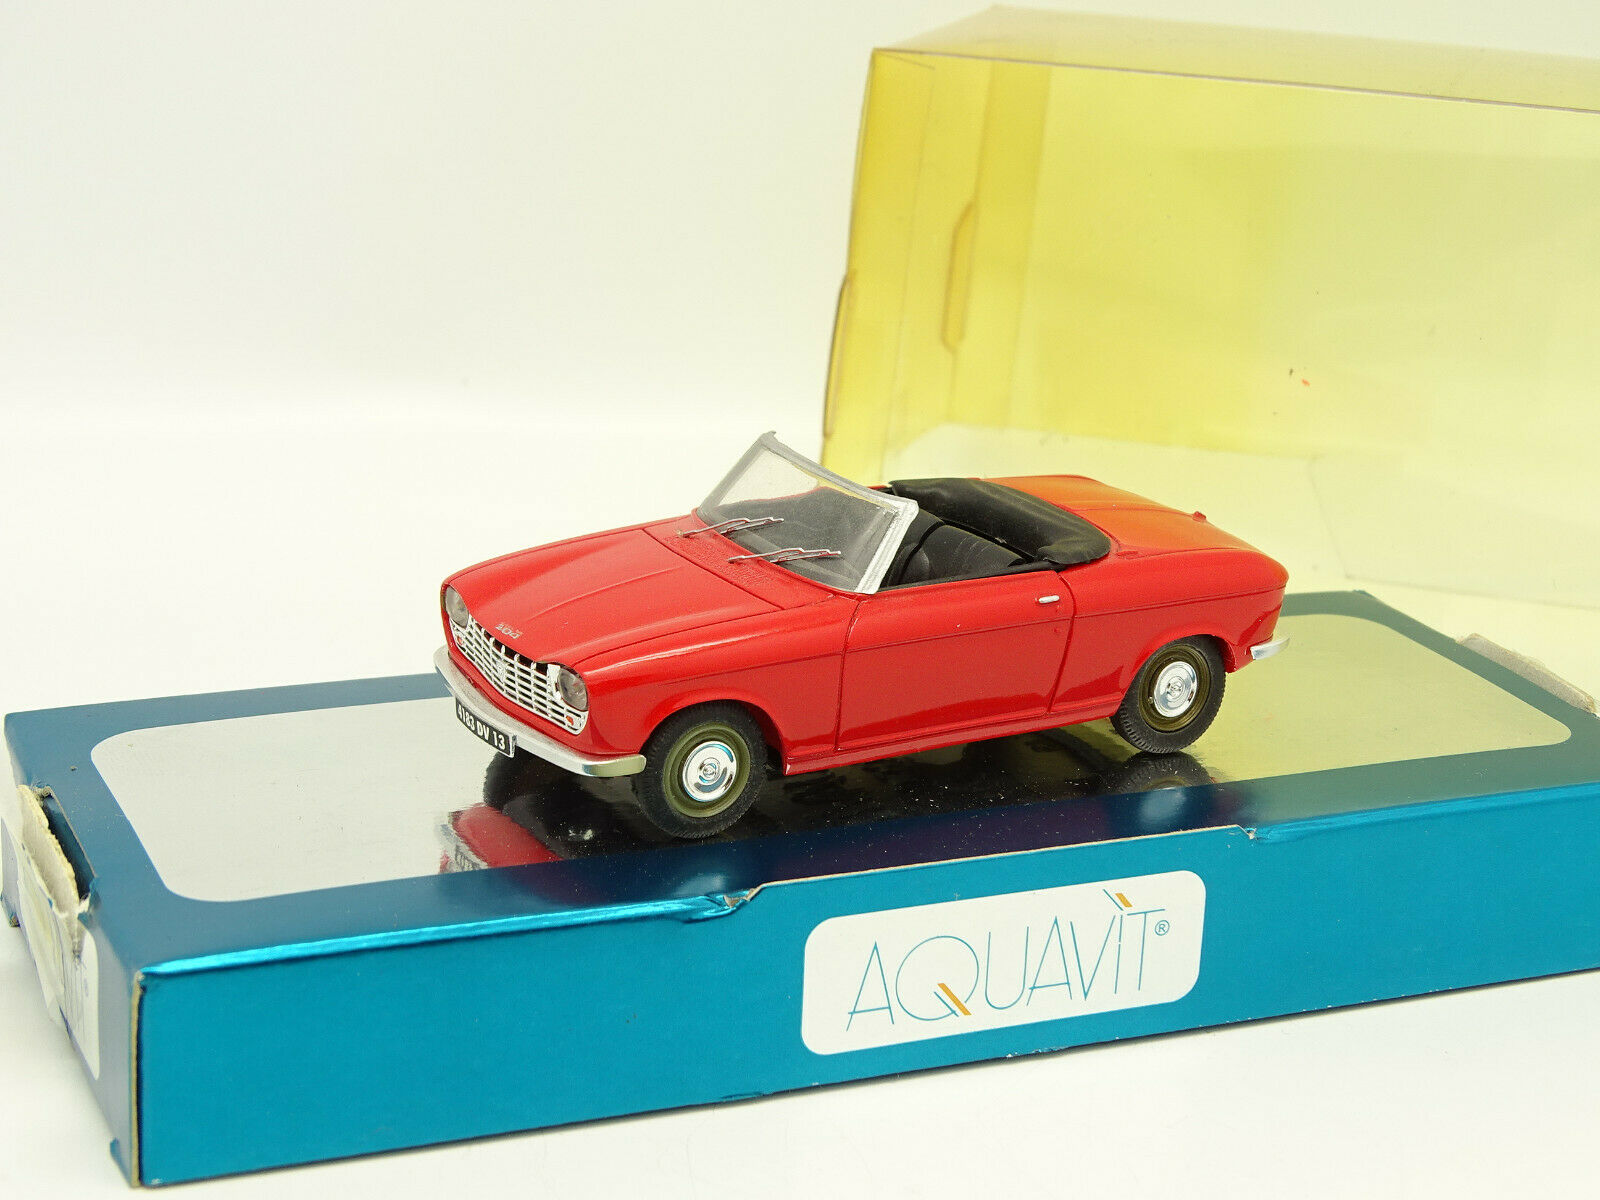 Aquavit Résine 1 43 - Peugeot 204 Cabriolet Rouge